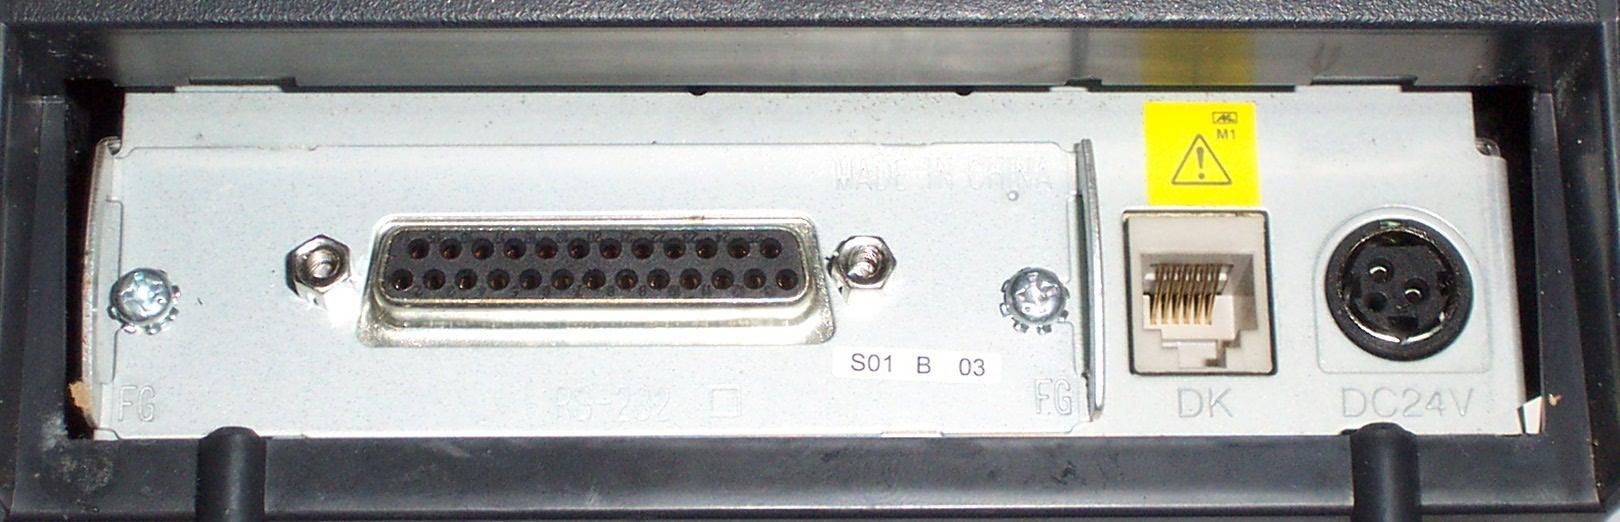 Epson Tm-T88iii Driver